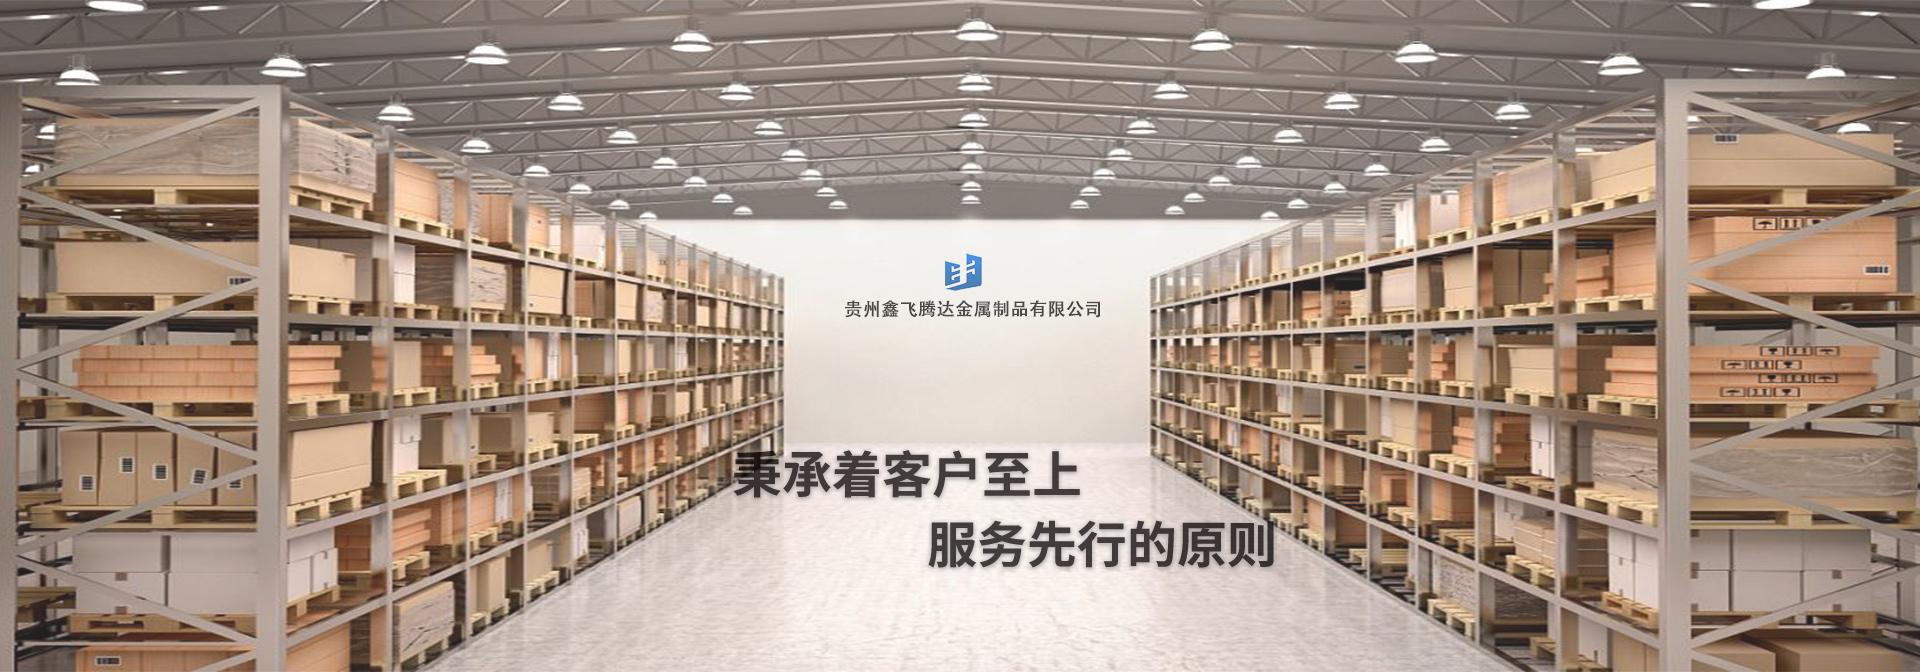 贵州货架厂